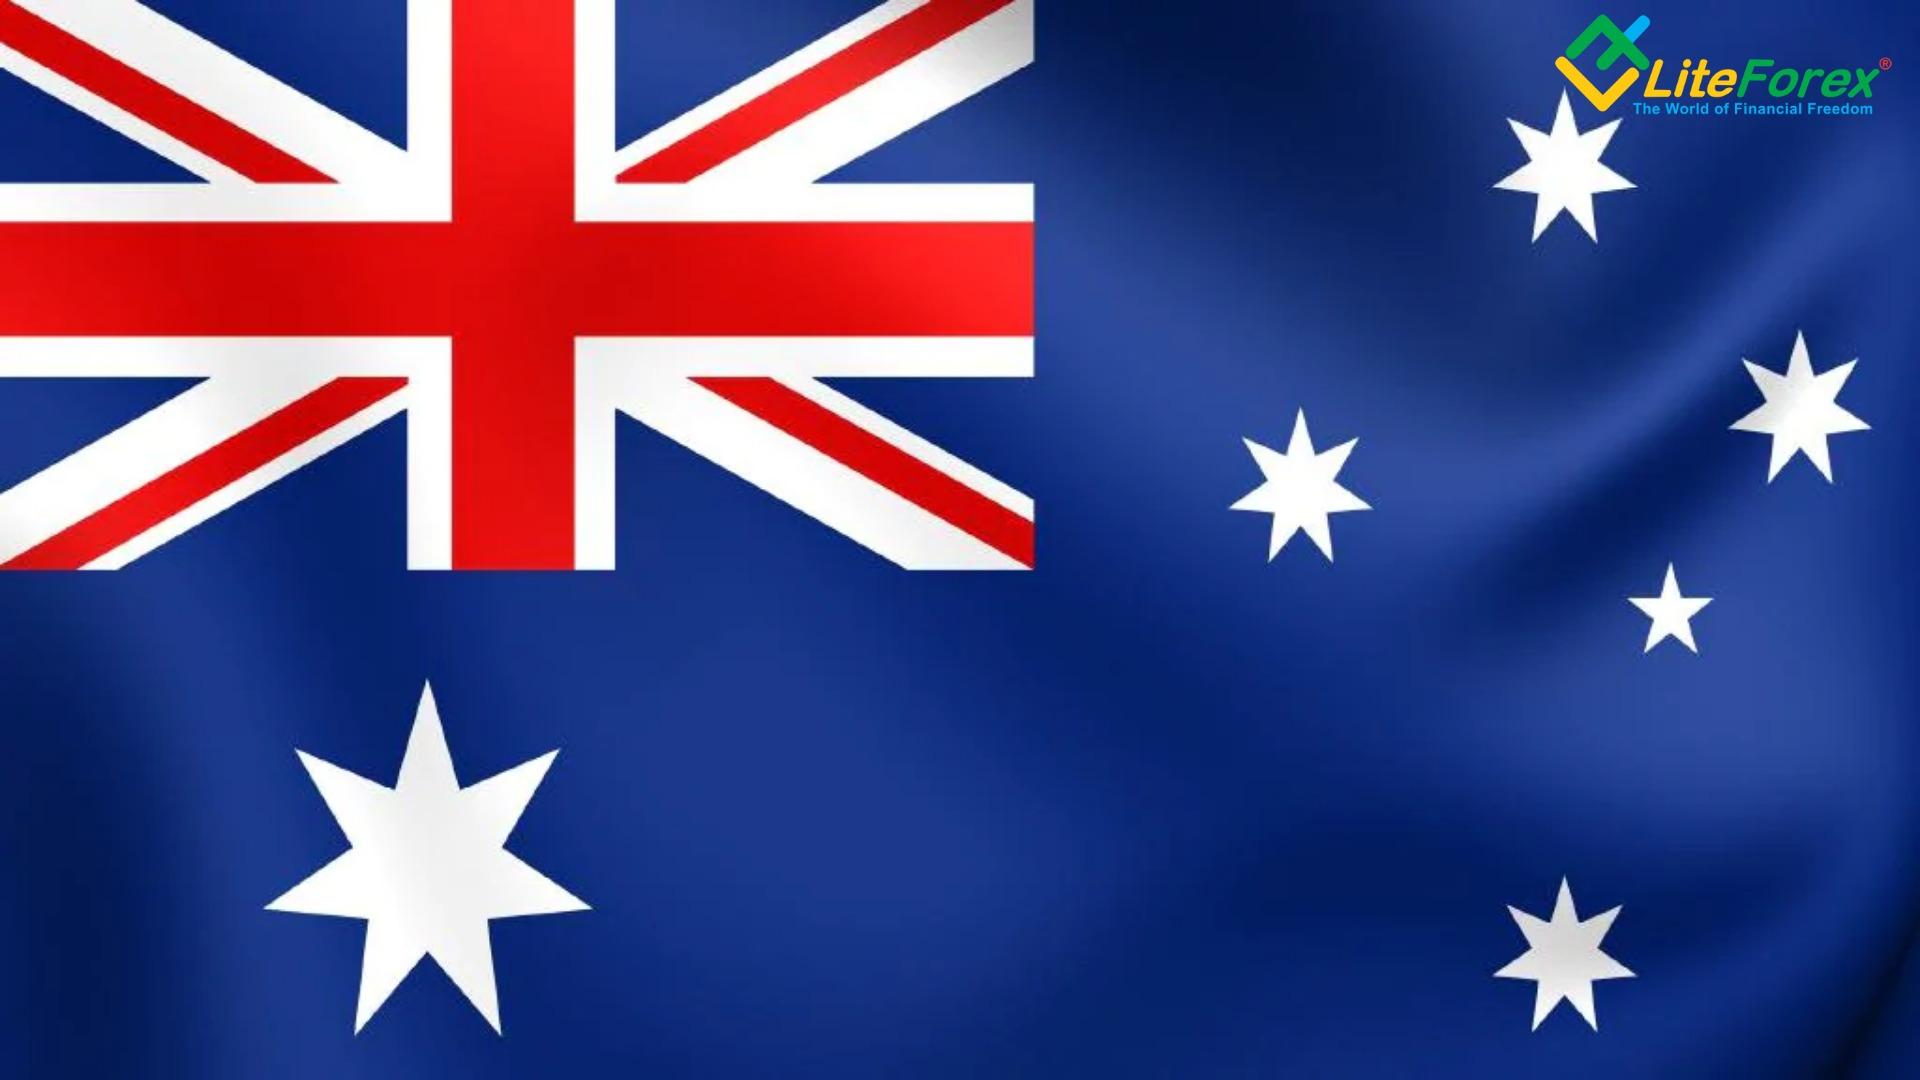 Abweichende Handelszeiten bei LiteForex am australischen Nationalfeiertag